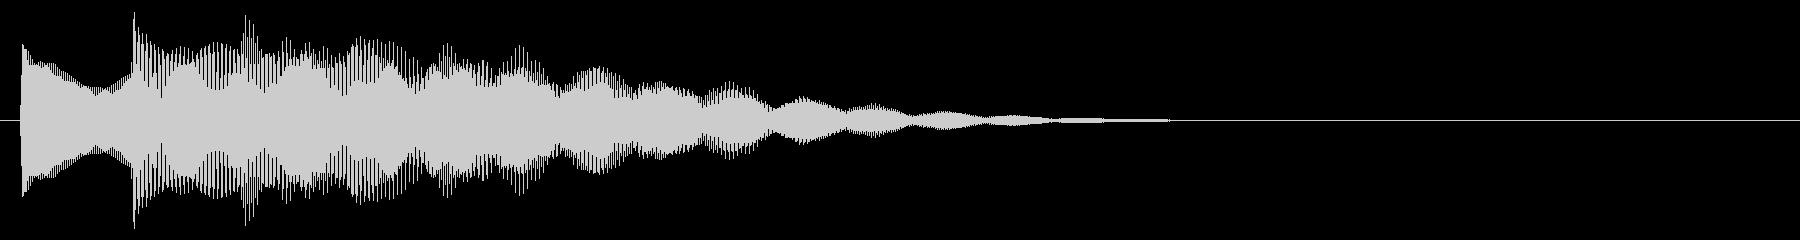 マレット系 決定音12(長三和音)の未再生の波形